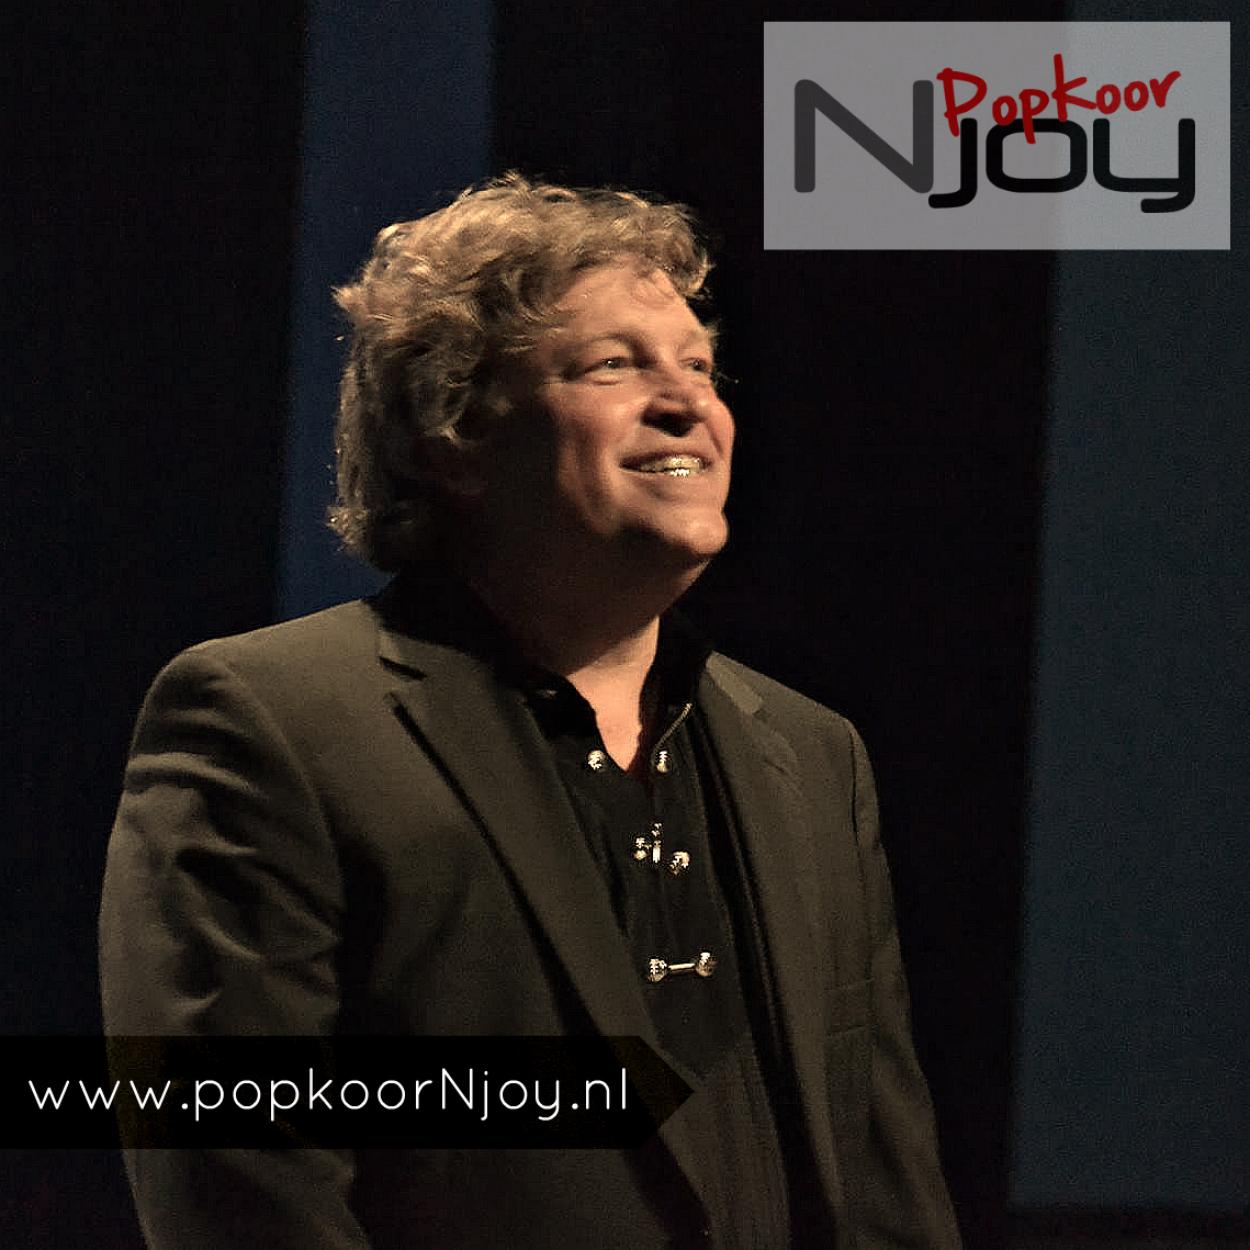 popkoor-njoy-dirigent-vladimir-pairel